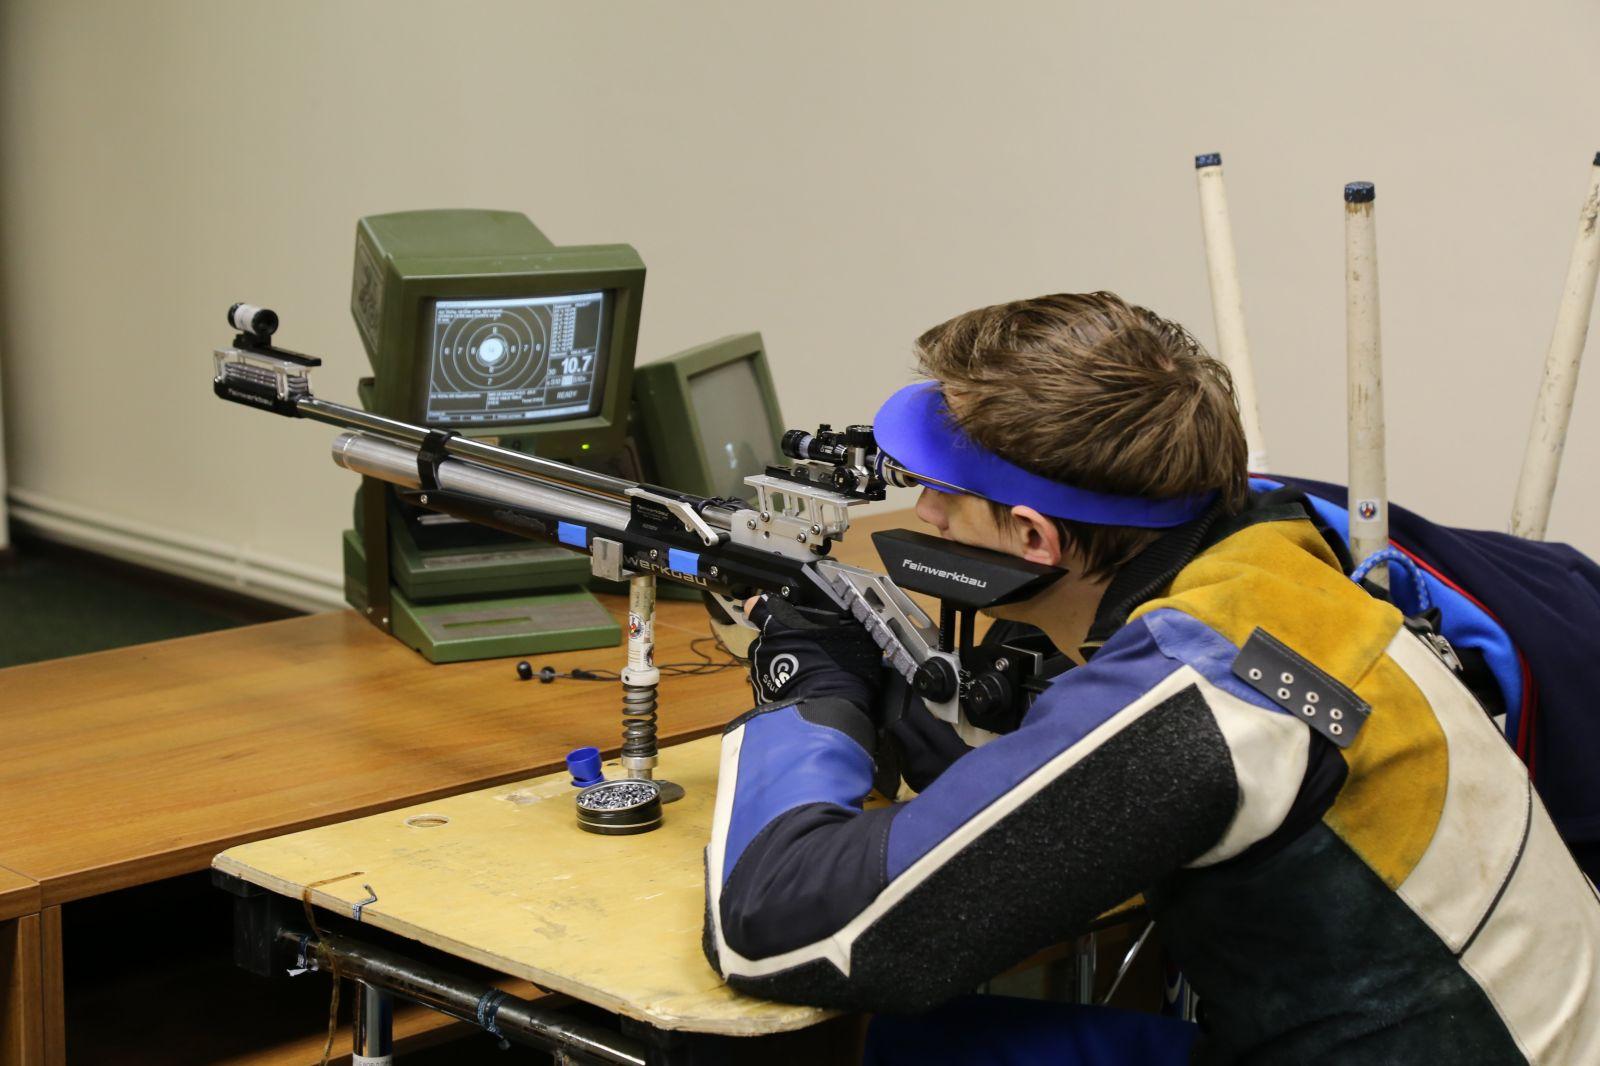 Сборная команда России по пулевой стрельбе спорта лиц с ПОДА примет участие в международных соревнованиях в Германии